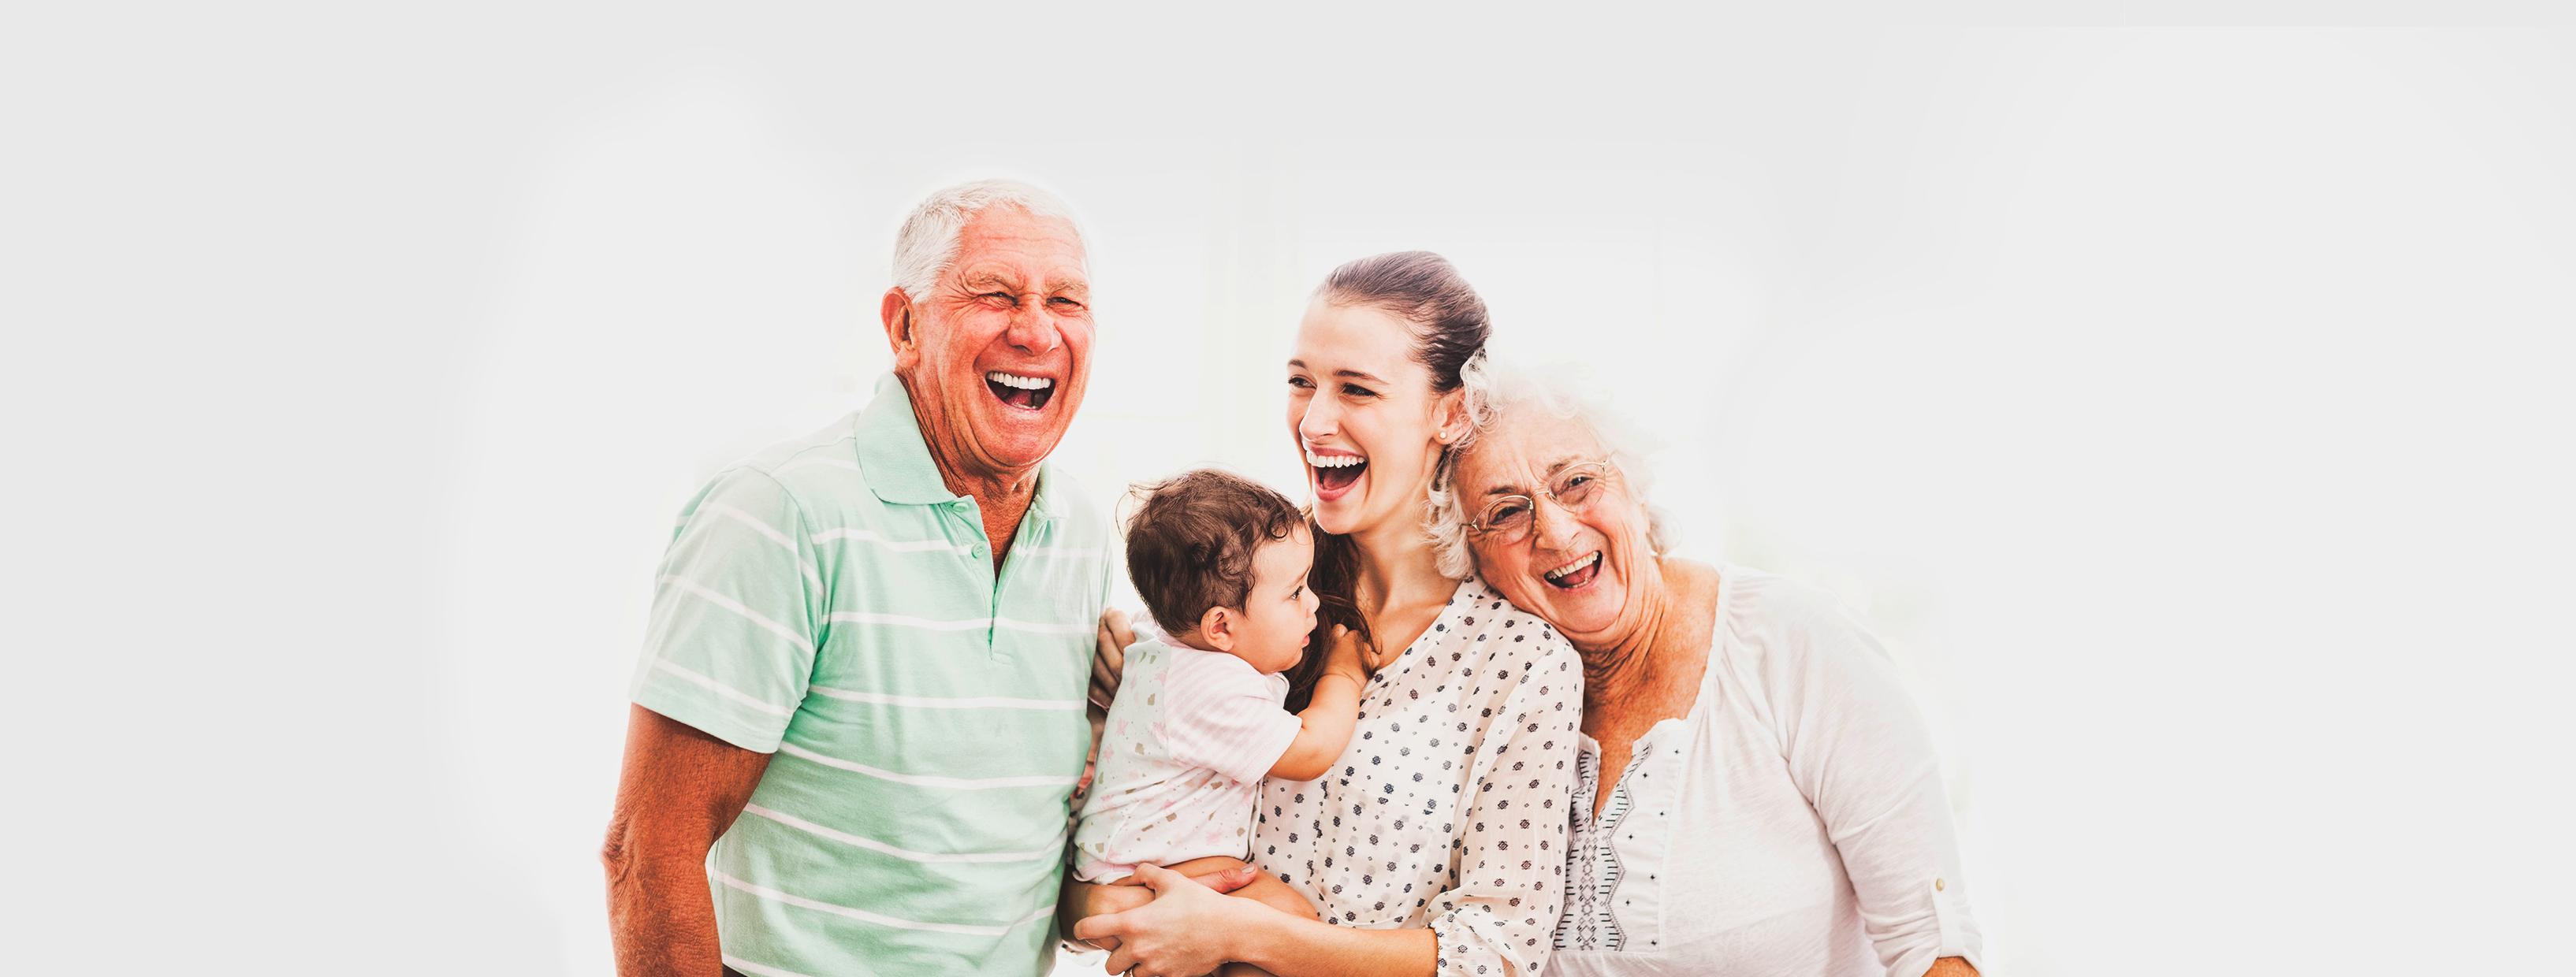 Palestra: O Sentido da Vida na Melhor Idade